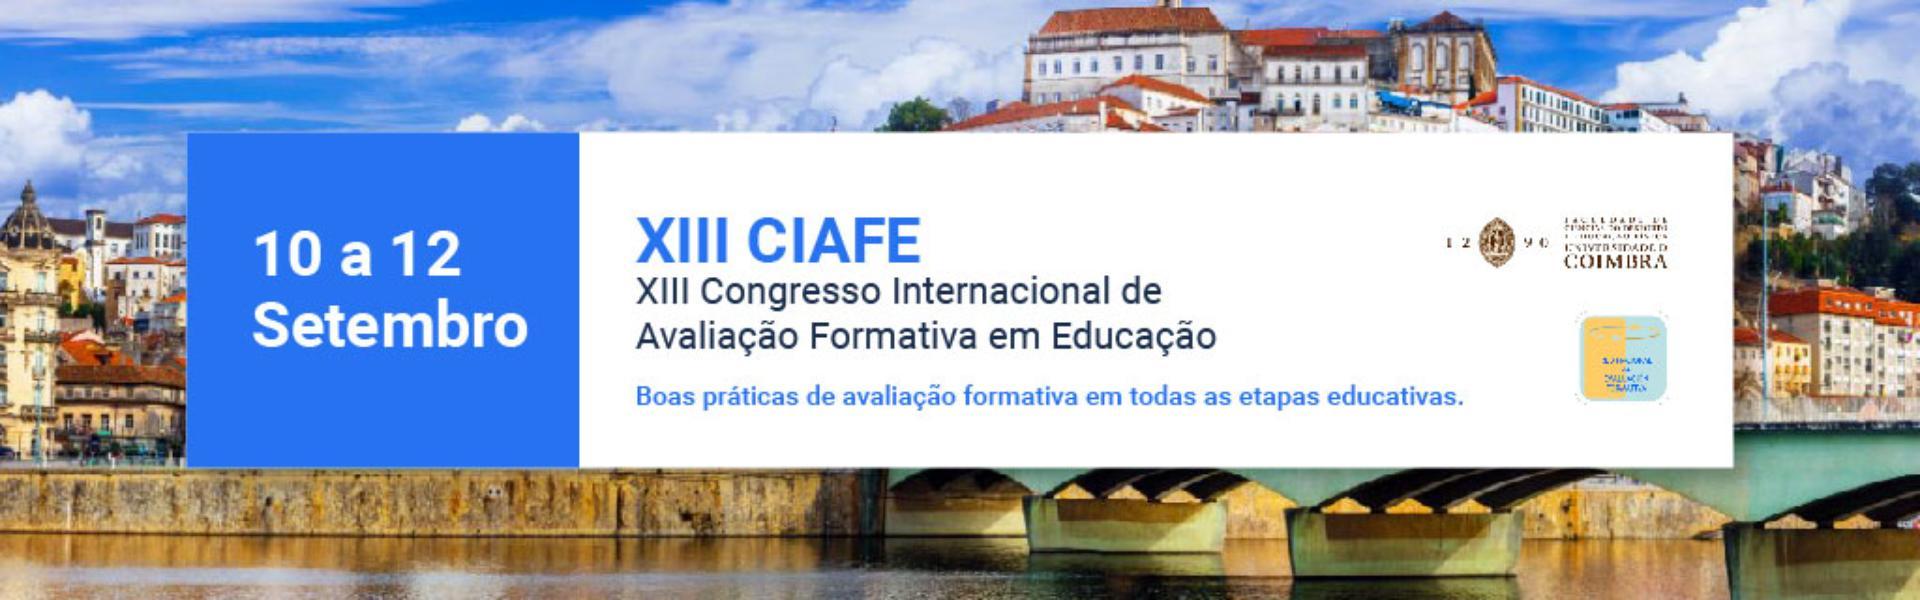 XIII Congresso Internacional de Avaliação Formativa em Educação